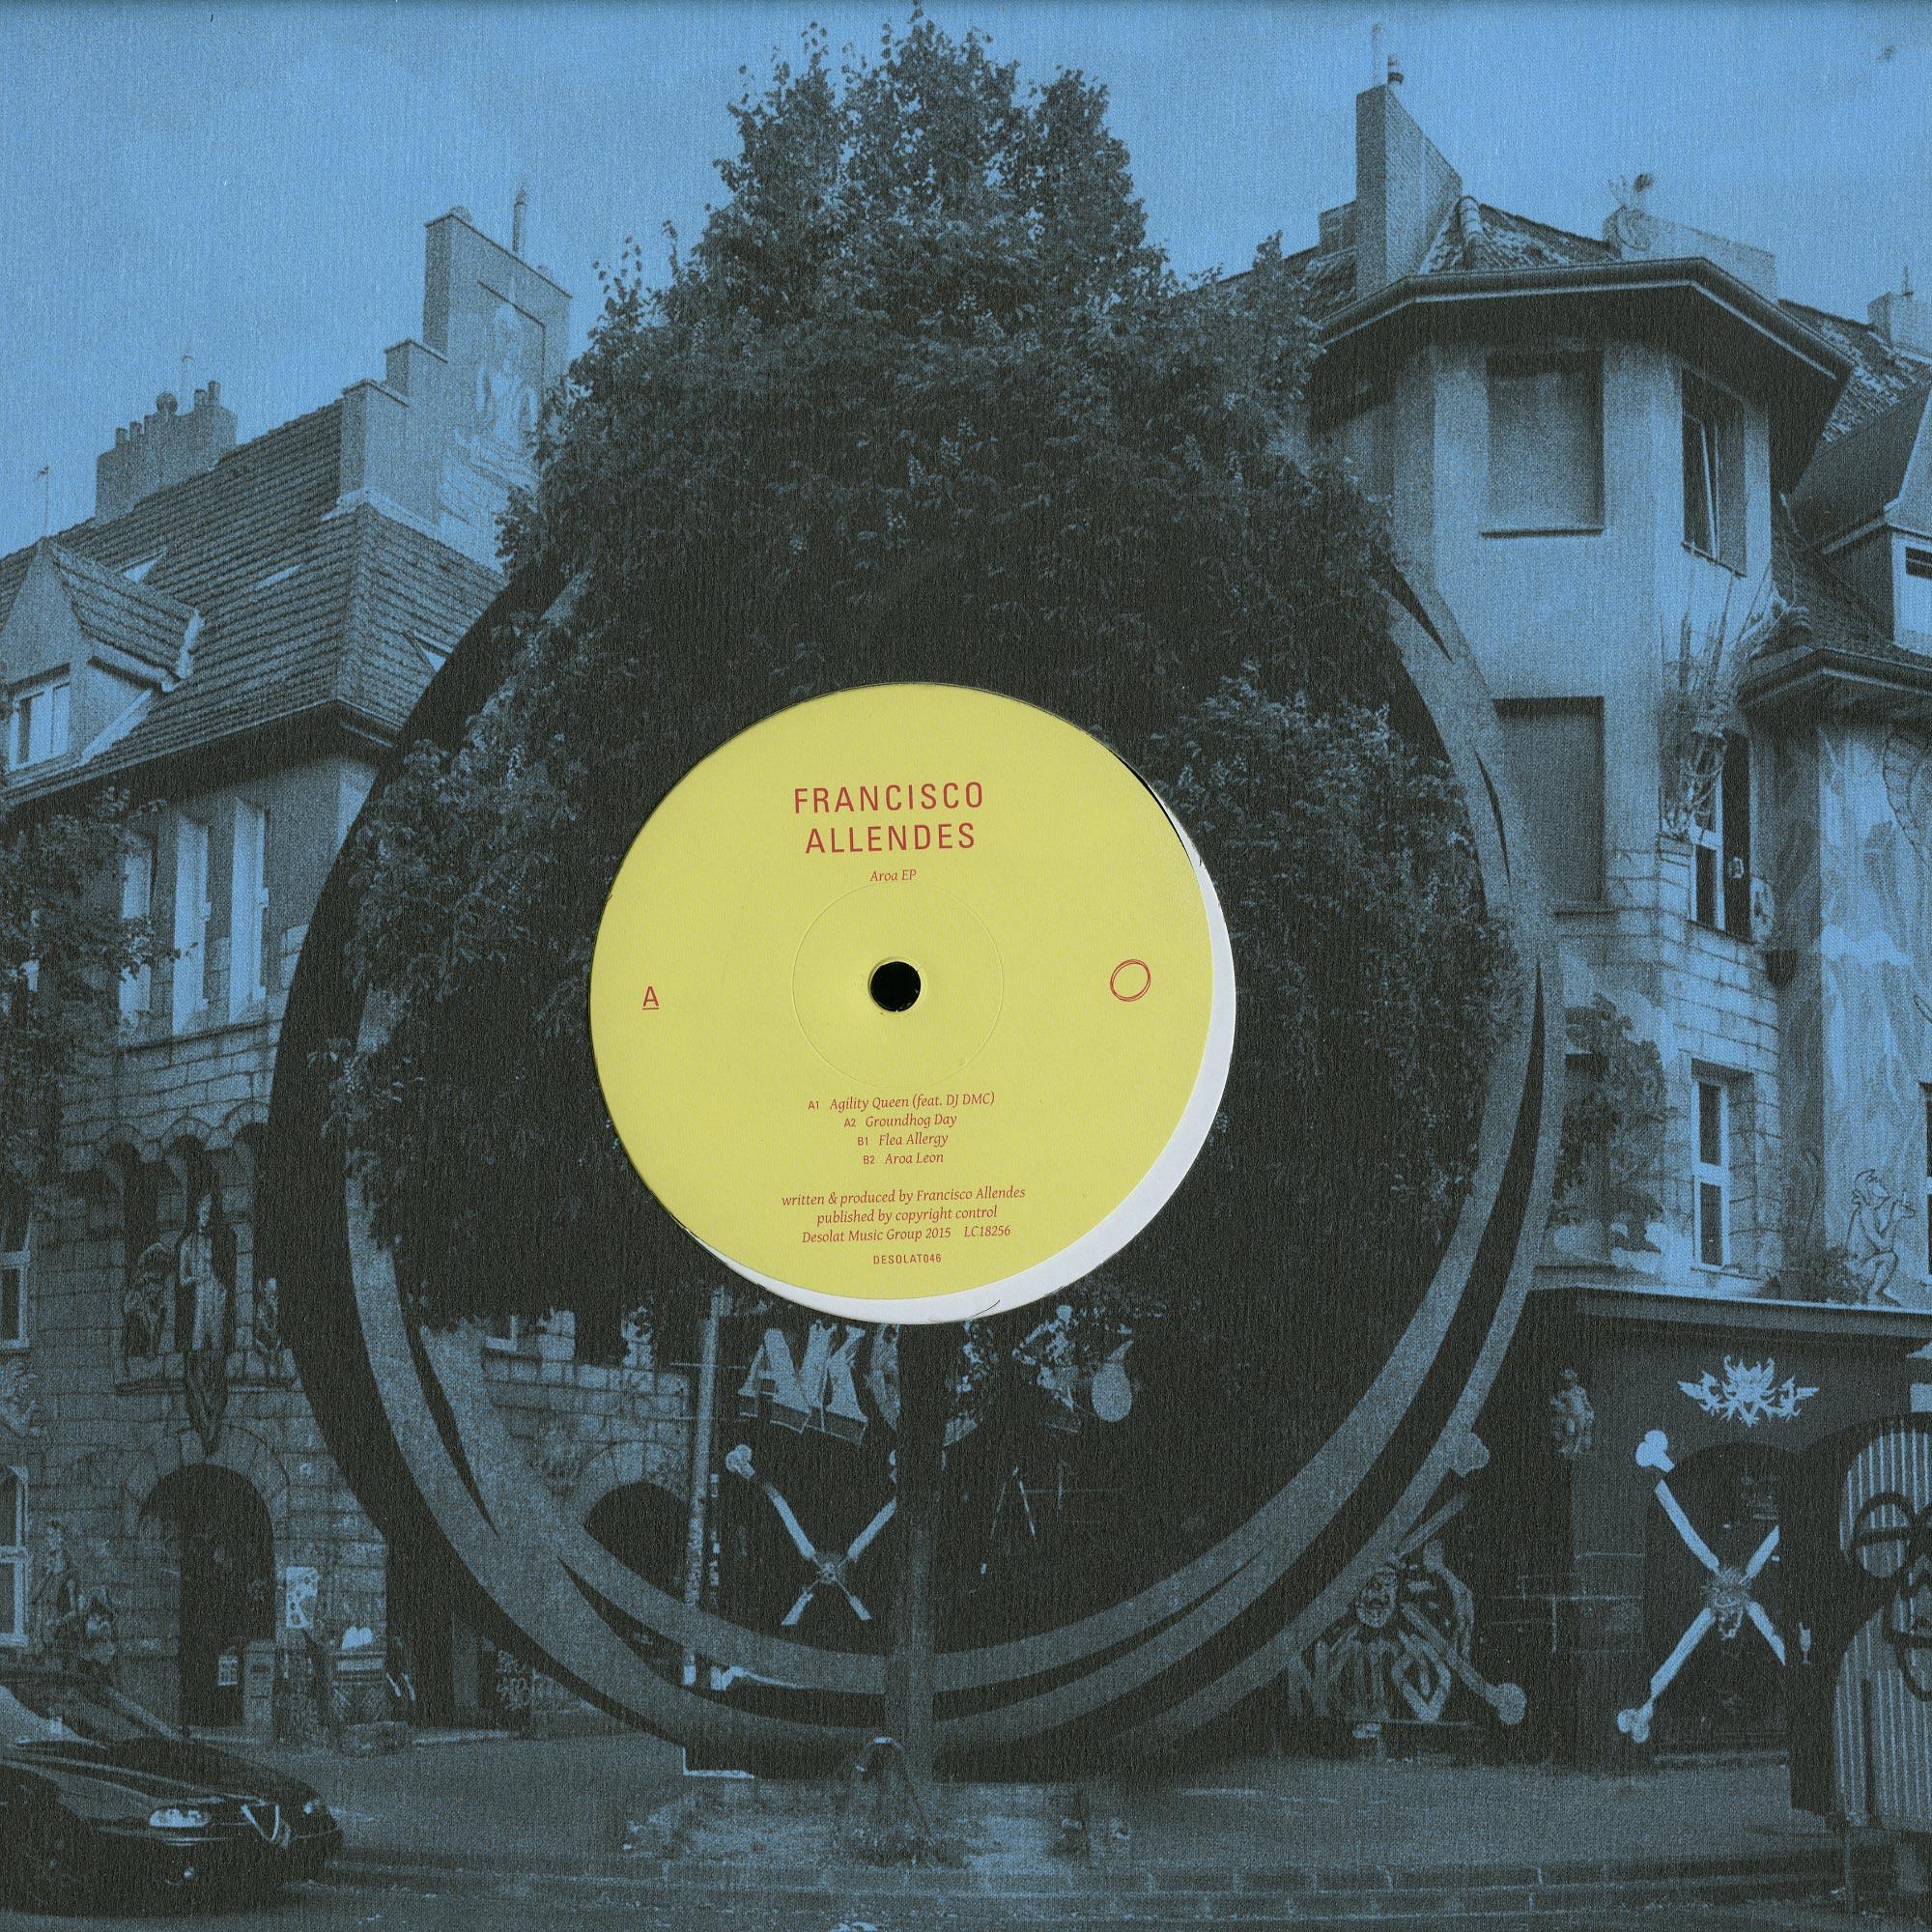 Francisco Allendes - AROA EP